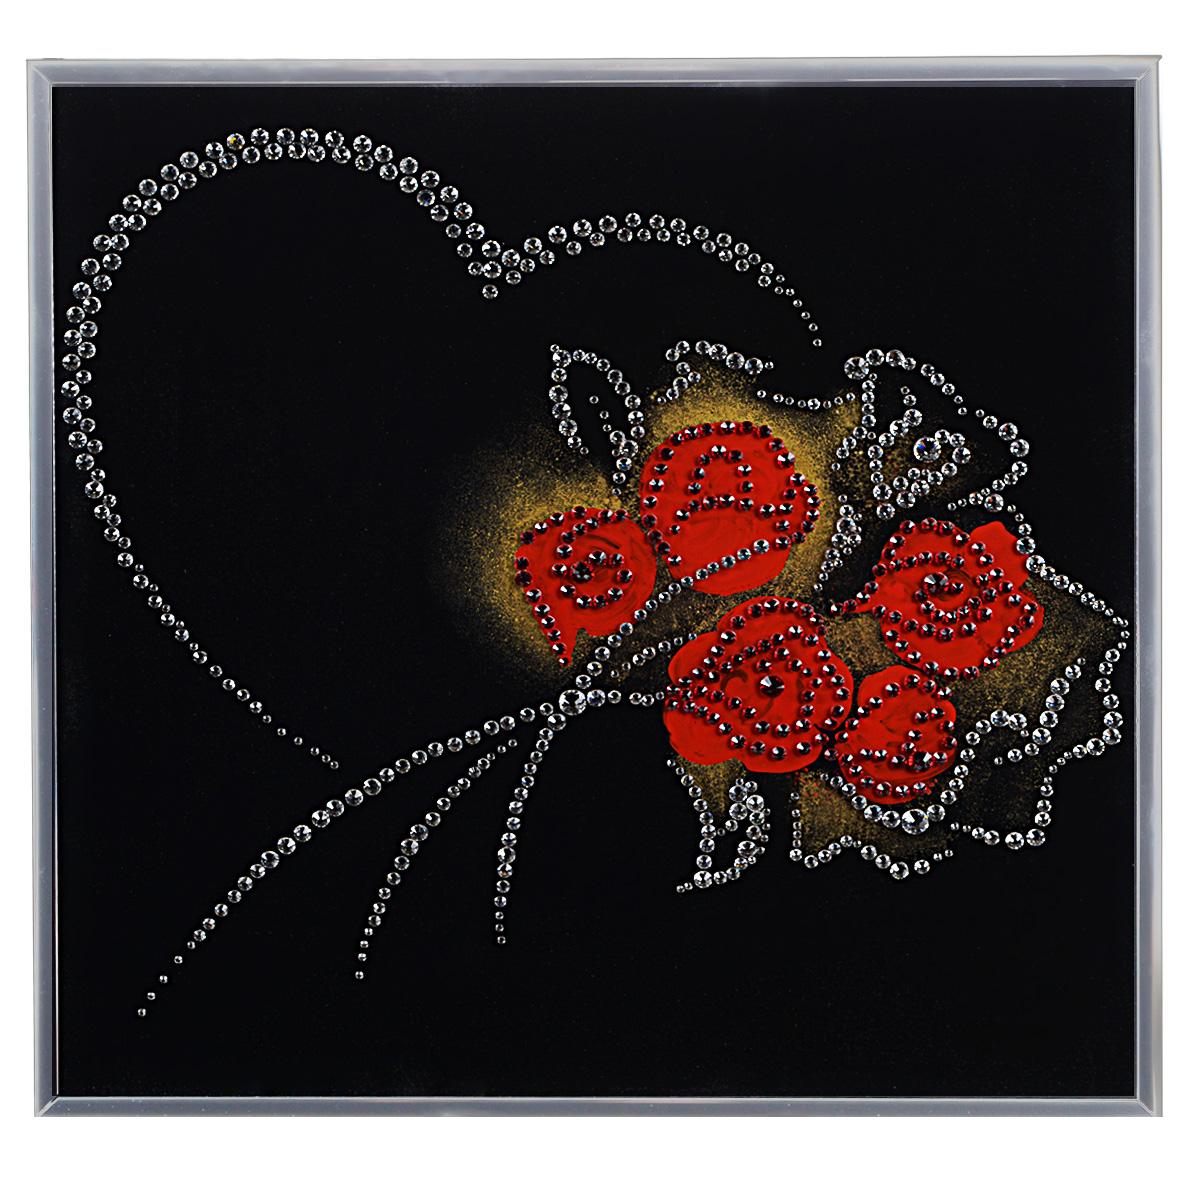 Картина с кристаллами Swarovski От всего сердца, 30 см х 30 смIDEA FL2-07Изящная картина в алюминиевой раме От всего сердца инкрустирована кристаллами Swarovski, которые отличаются четкой и ровной огранкой, ярким блеском и чистотой цвета. Идеально подобранная палитра кристаллов прекрасно дополняет картину. С задней стороны изделие оснащено специальной металлической петелькой для размещения на стене. Картина с кристаллами Swarovski элегантно украсит интерьер дома, а также станет прекрасным подарком, который обязательно понравится получателю. Блеск кристаллов в интерьере - что может быть сказочнее и удивительнее. Изделие упаковано в подарочную картонную коробку синего цвета и комплектуется сертификатом соответствия Swarovski.